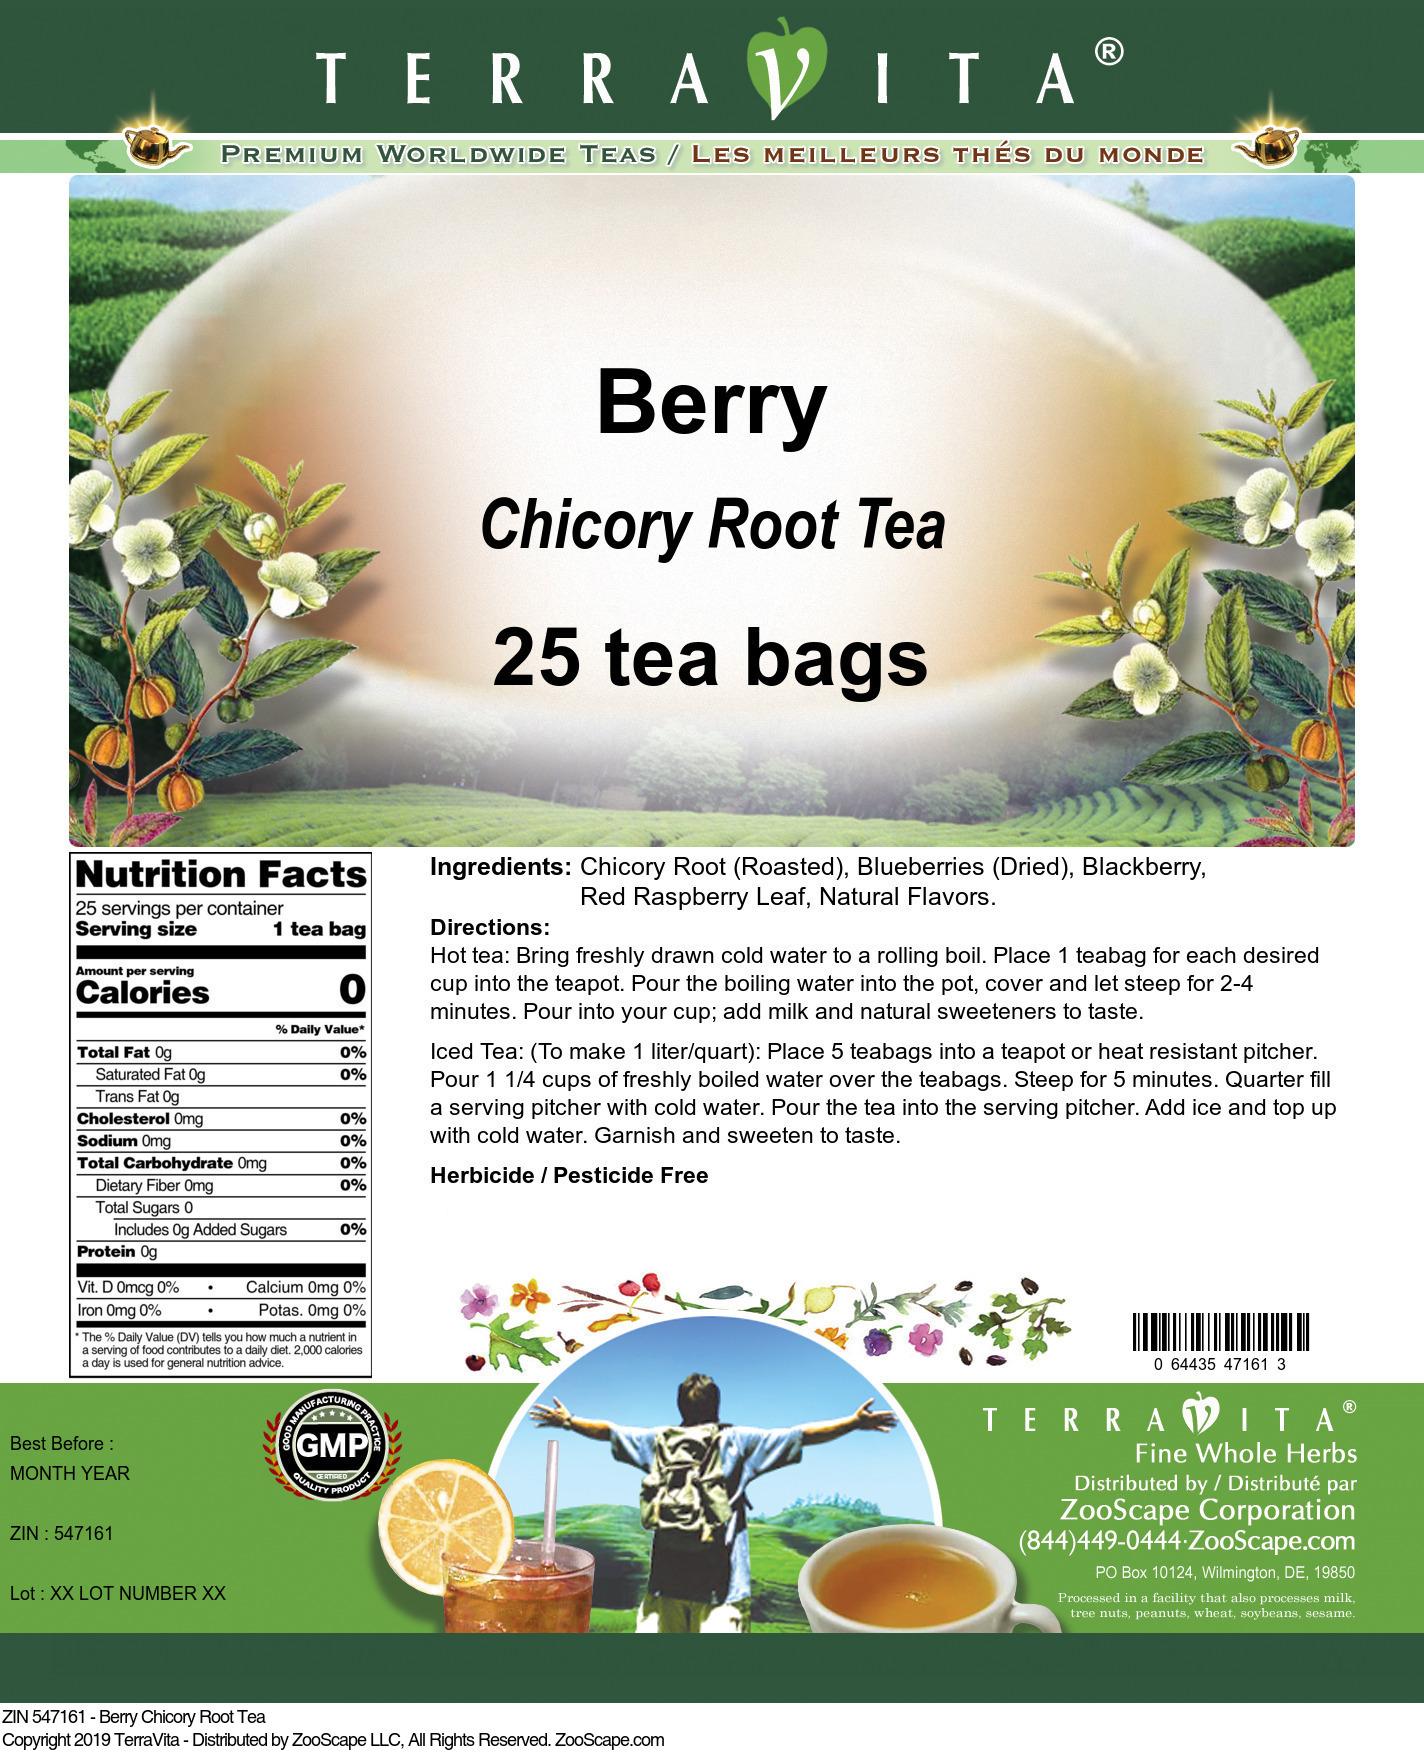 Berry Chicory Root